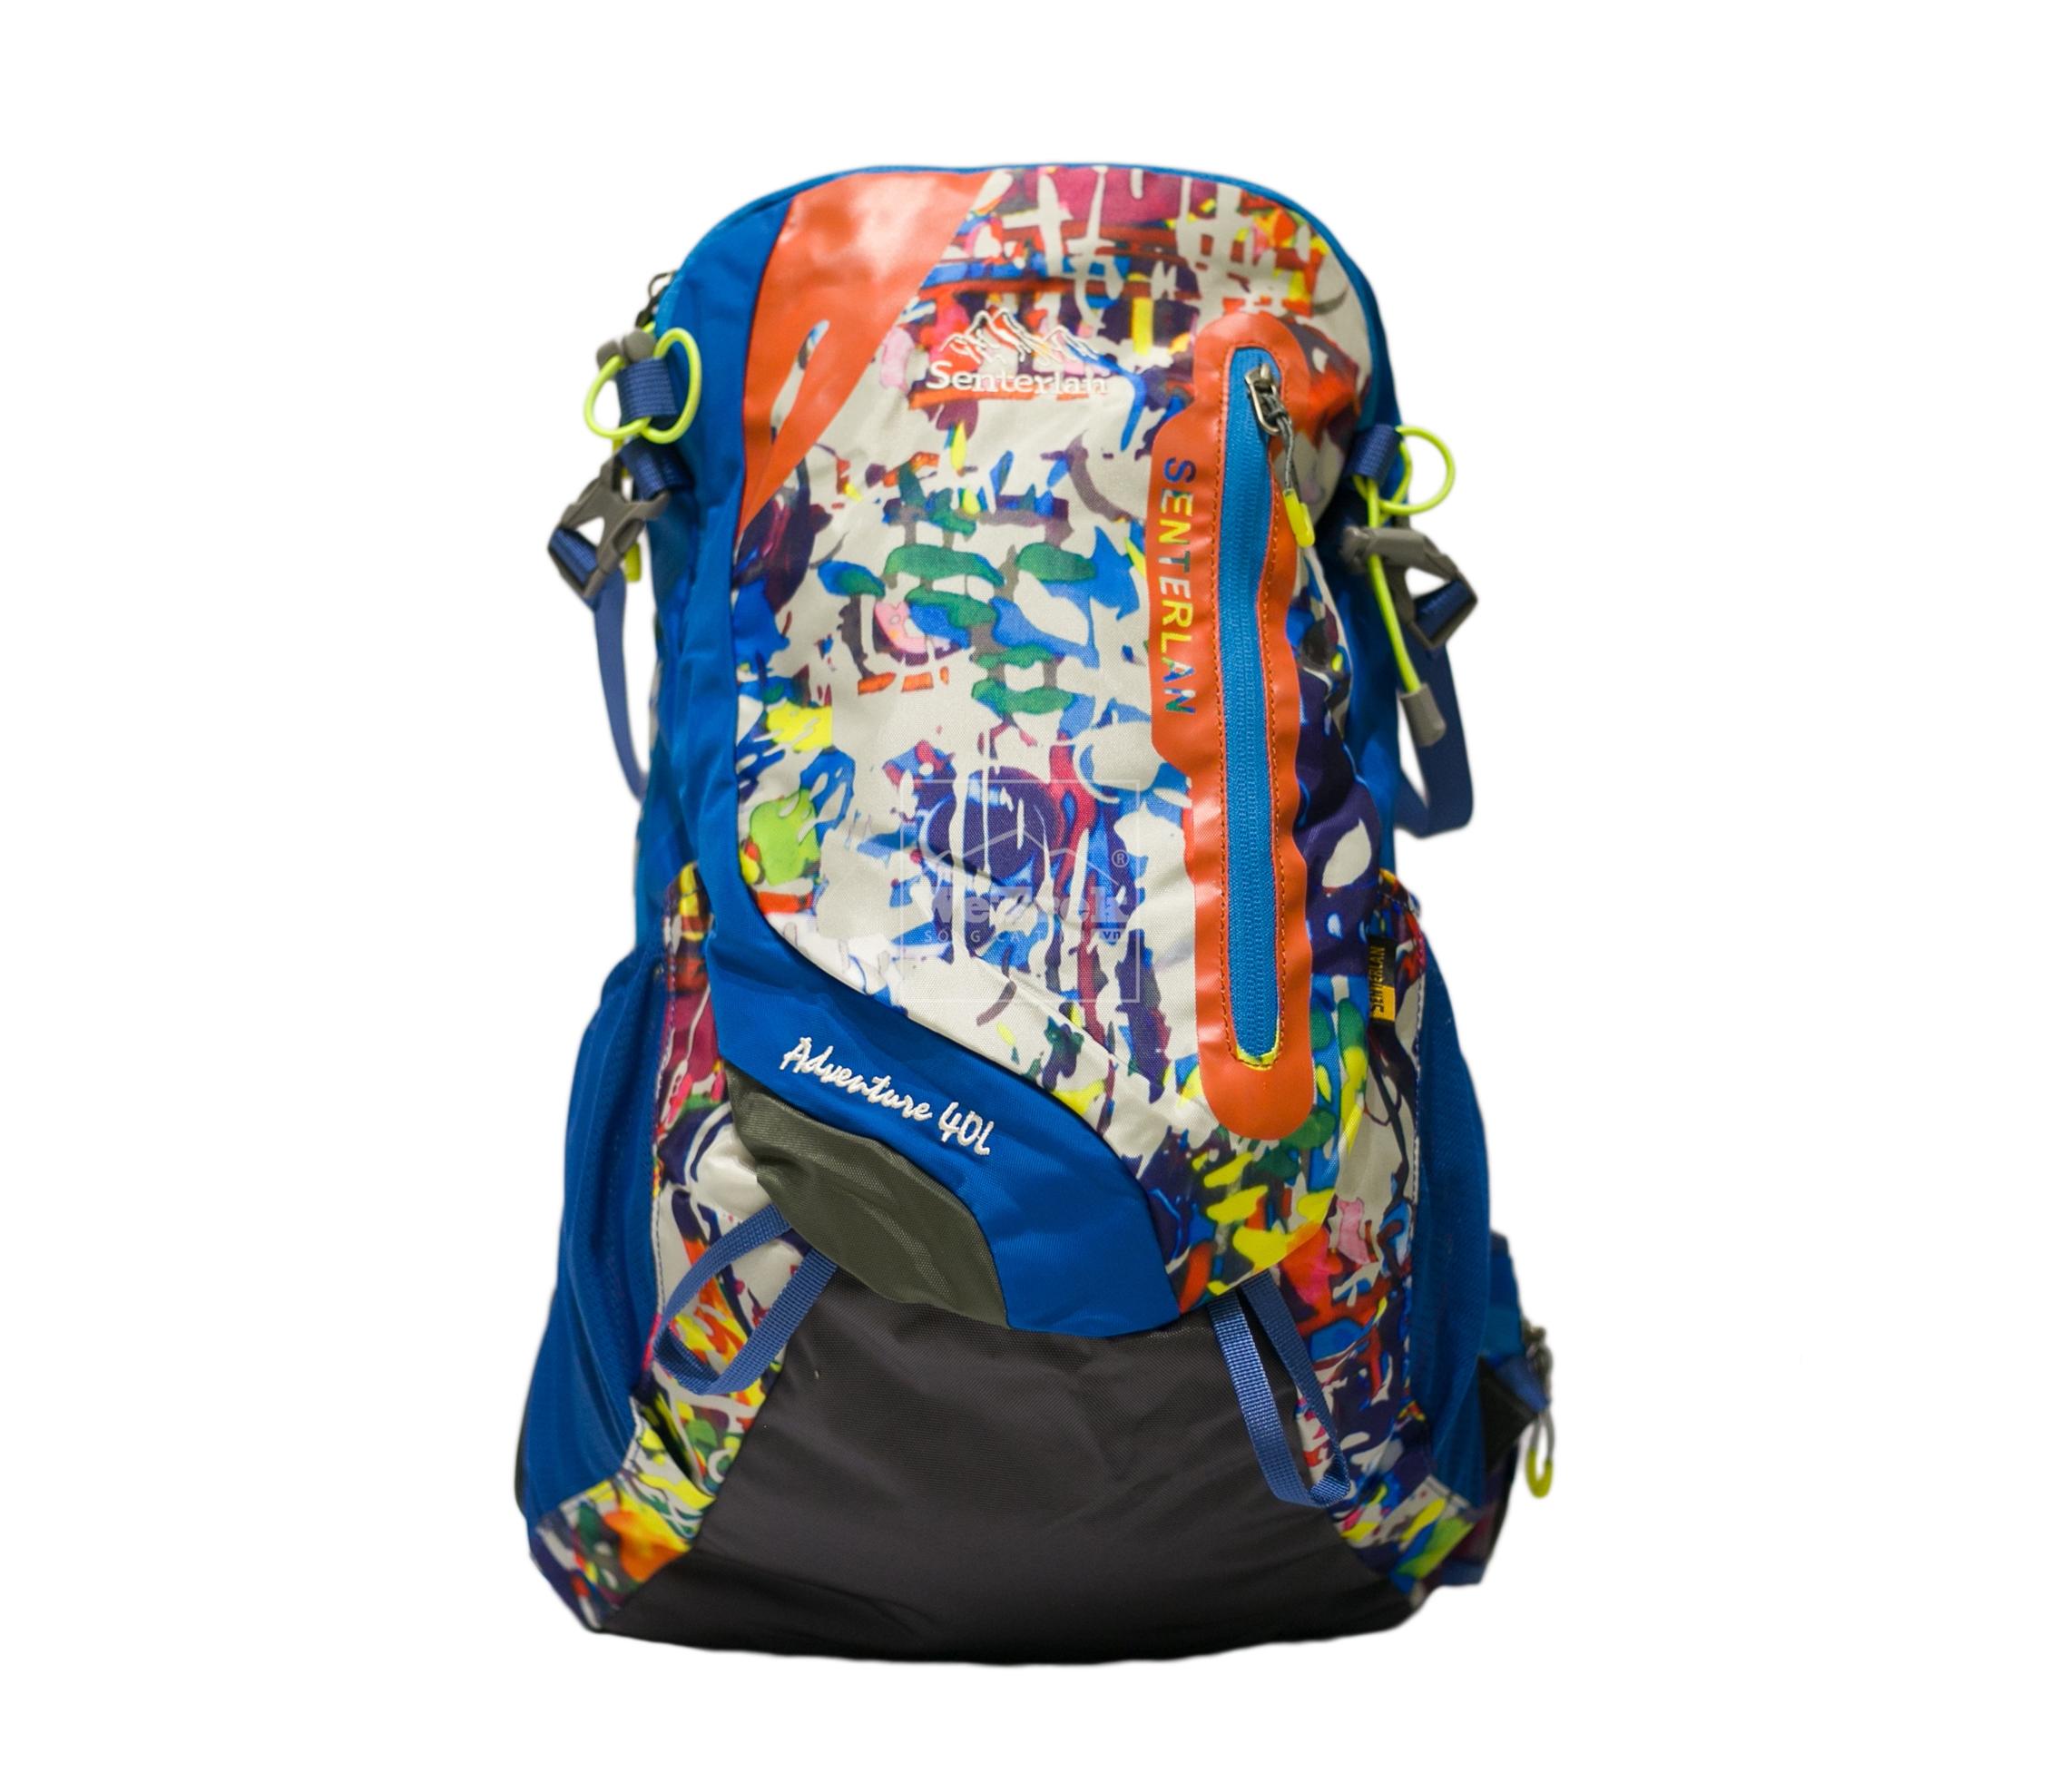 Balo leo núi Senterlan Adventure S2951 - 8454 Họa tiết xanh dương